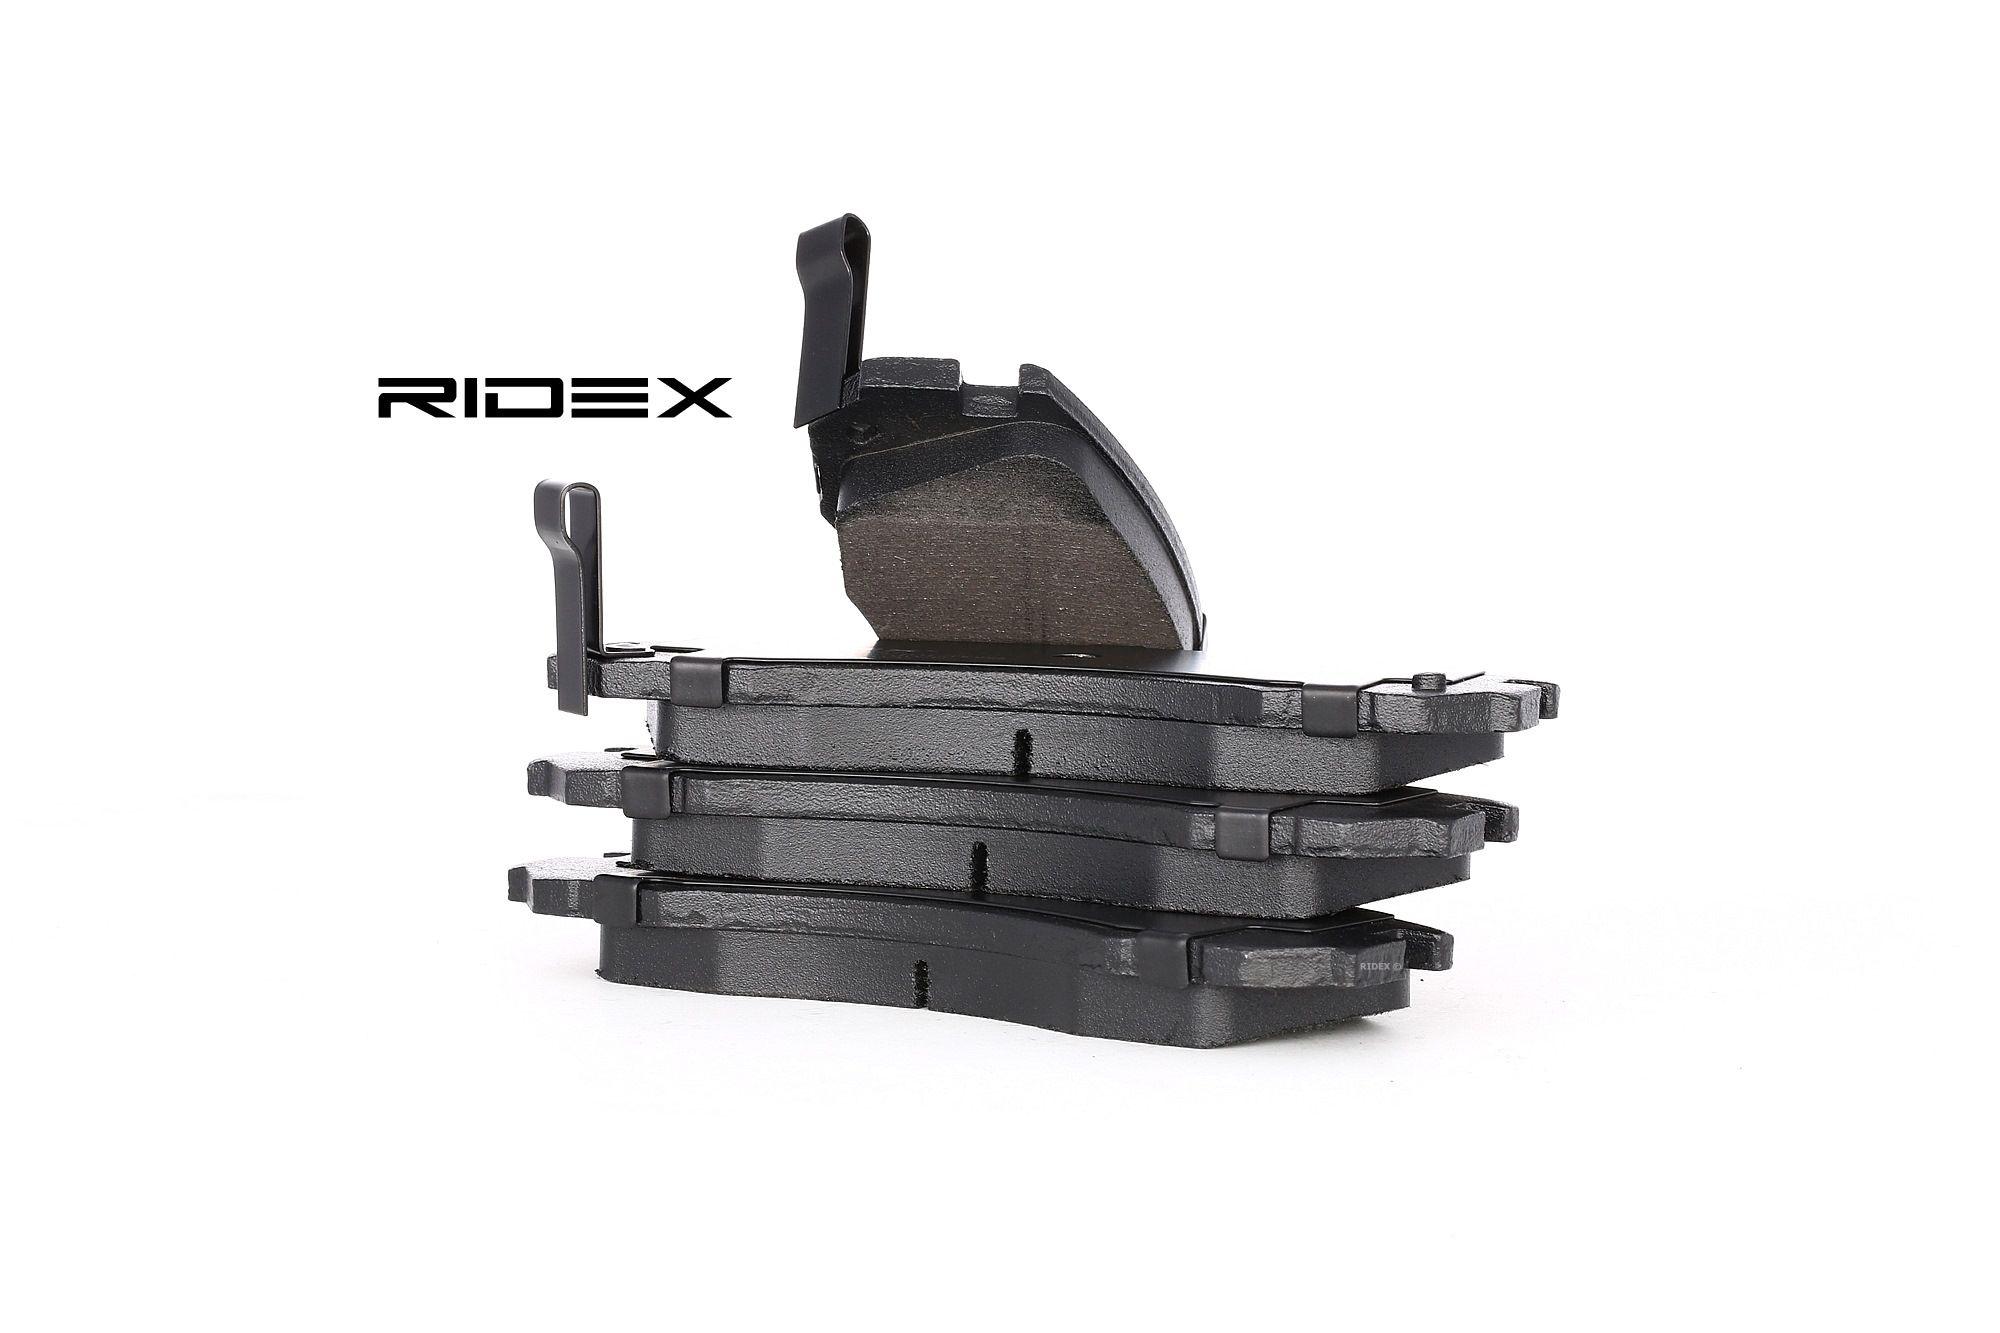 DODGE RAMCHARGER 1995 Bremsbelagsatz - Original RIDEX 402B0069 Höhe: 58,6mm, Breite: 149,8mm, Dicke/Stärke: 15,7mm